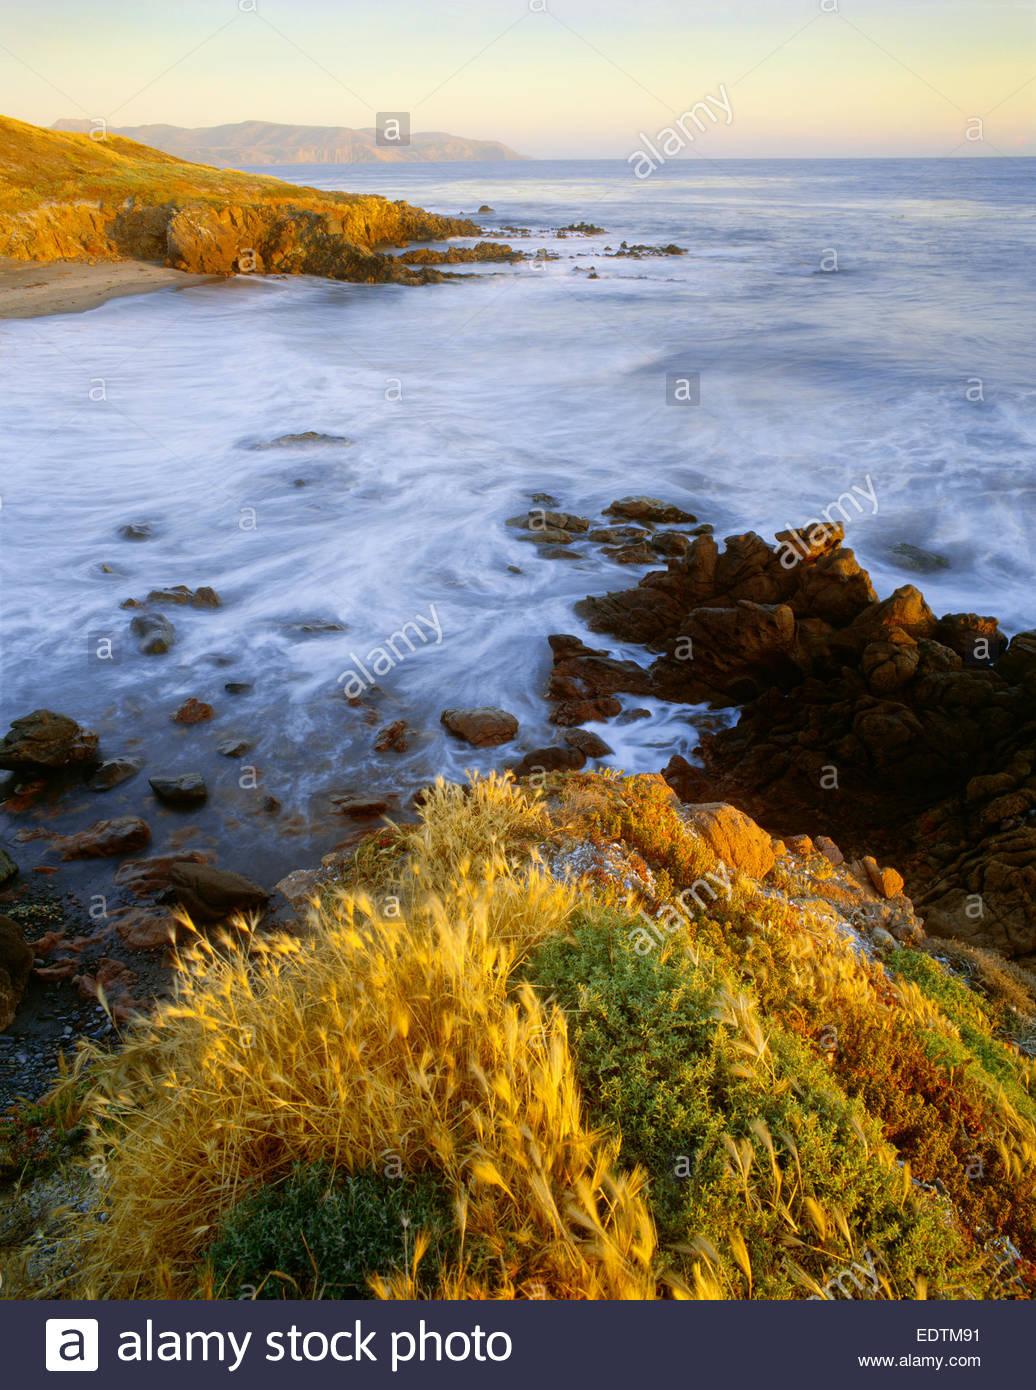 El extremo oeste de la isla de Santa Cruz, preservar la conservación de la Naturaleza. La Isla Santa Cruz, California. Foto de stock